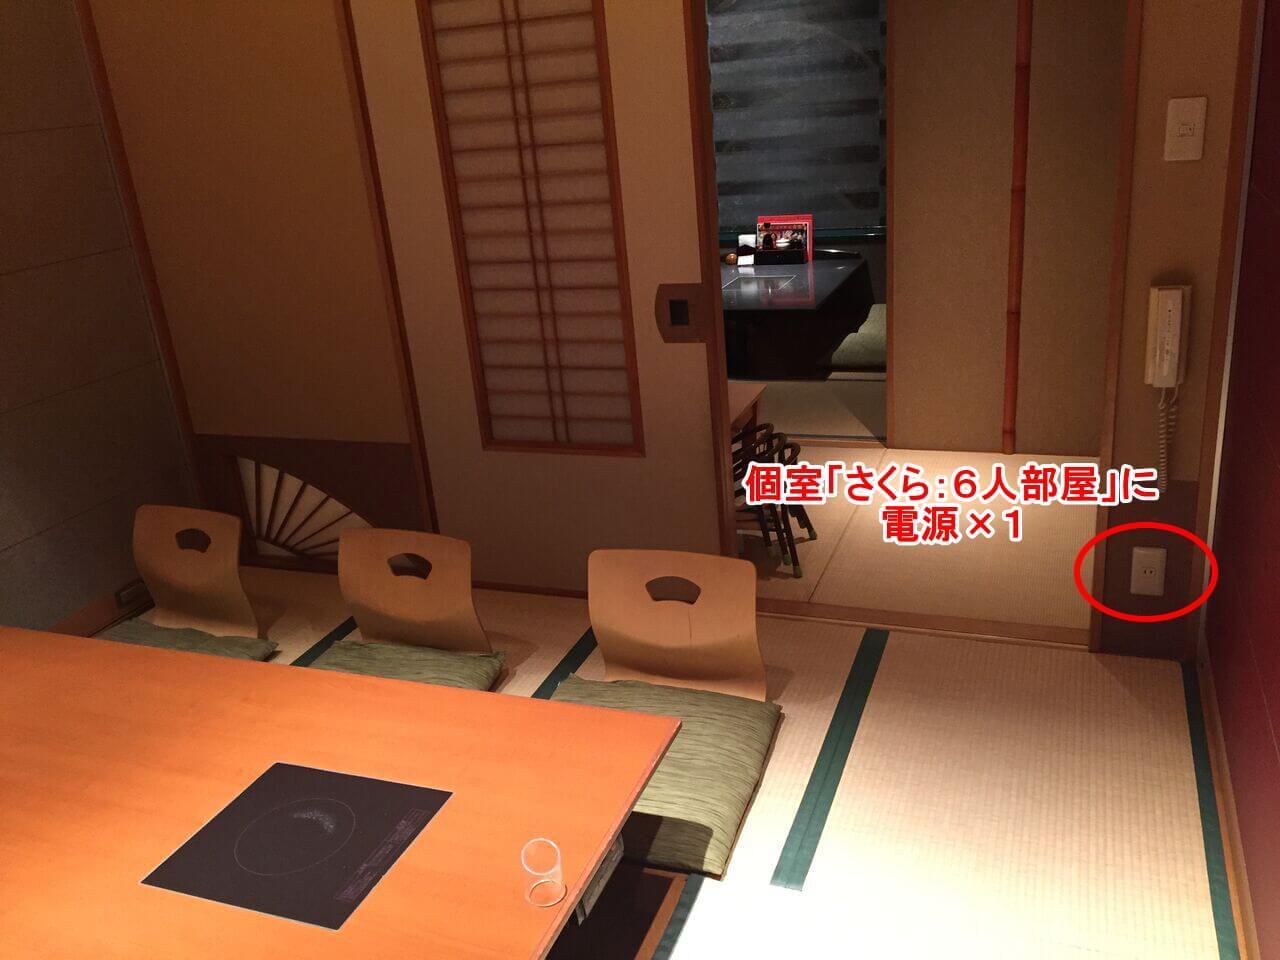 個室「さくら:6人部屋」に電源×1